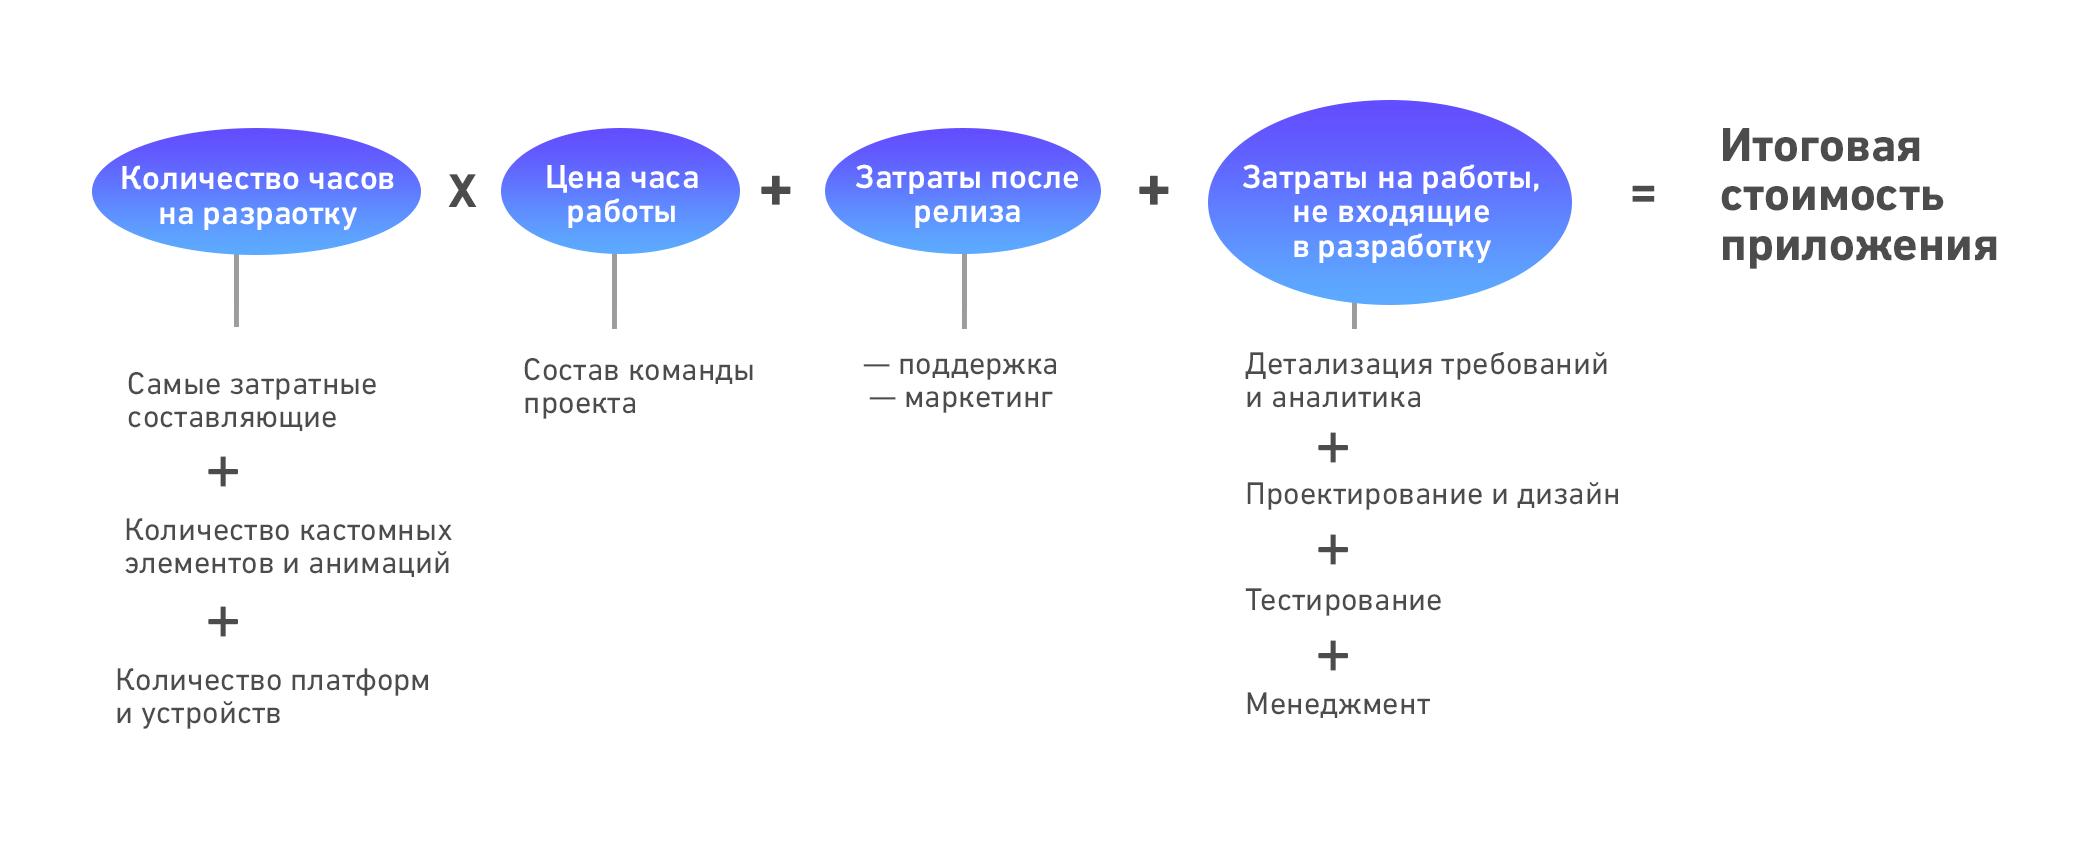 Цена создать приложение для андроид и ios